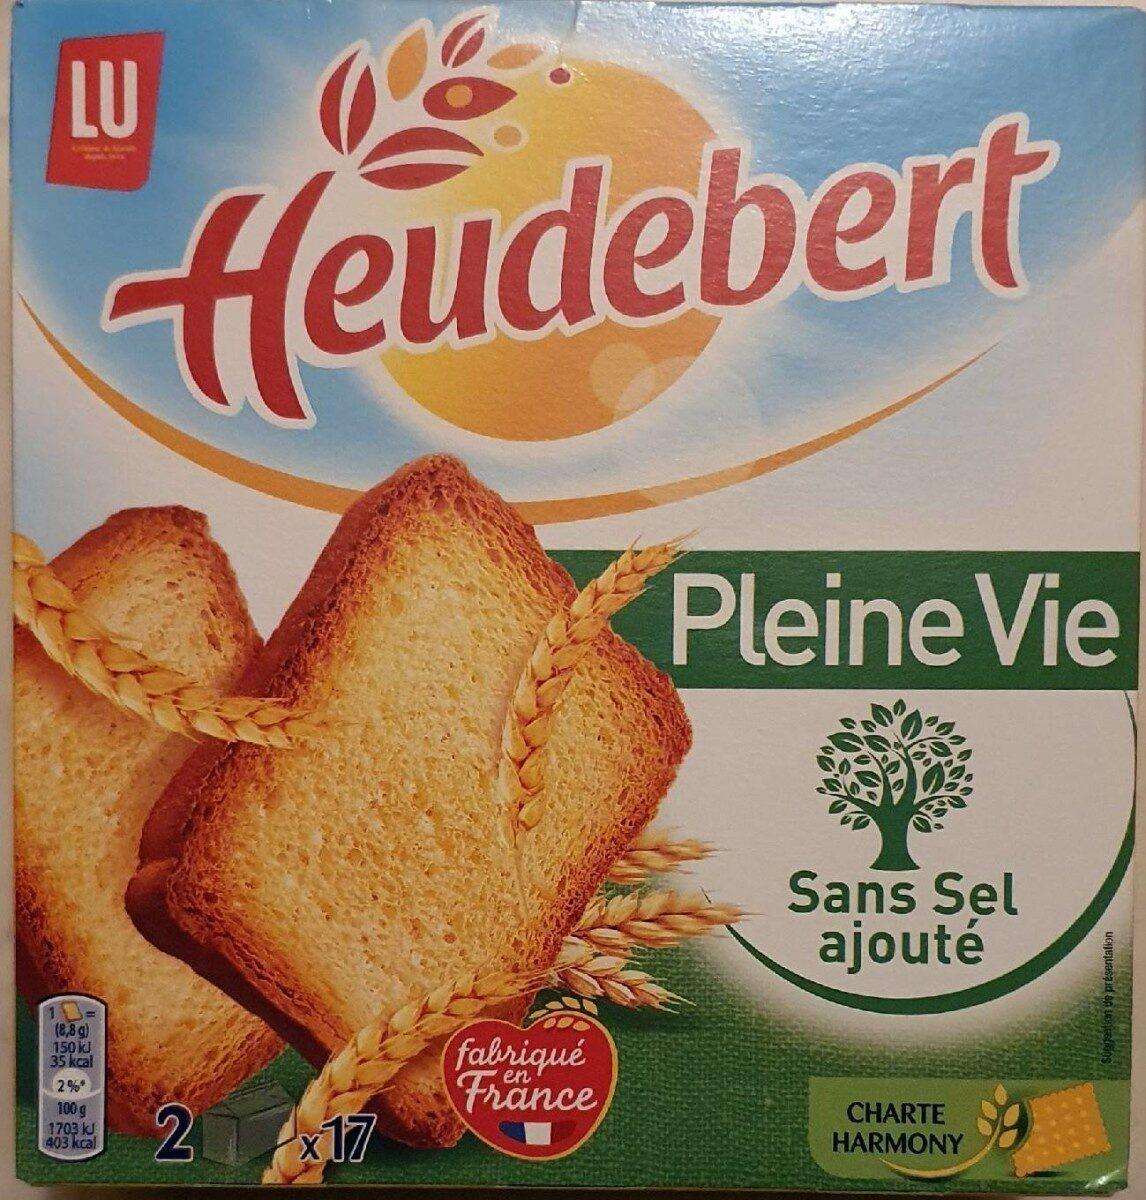 Heudebert biscottes sans sel ajouté - Product - fr